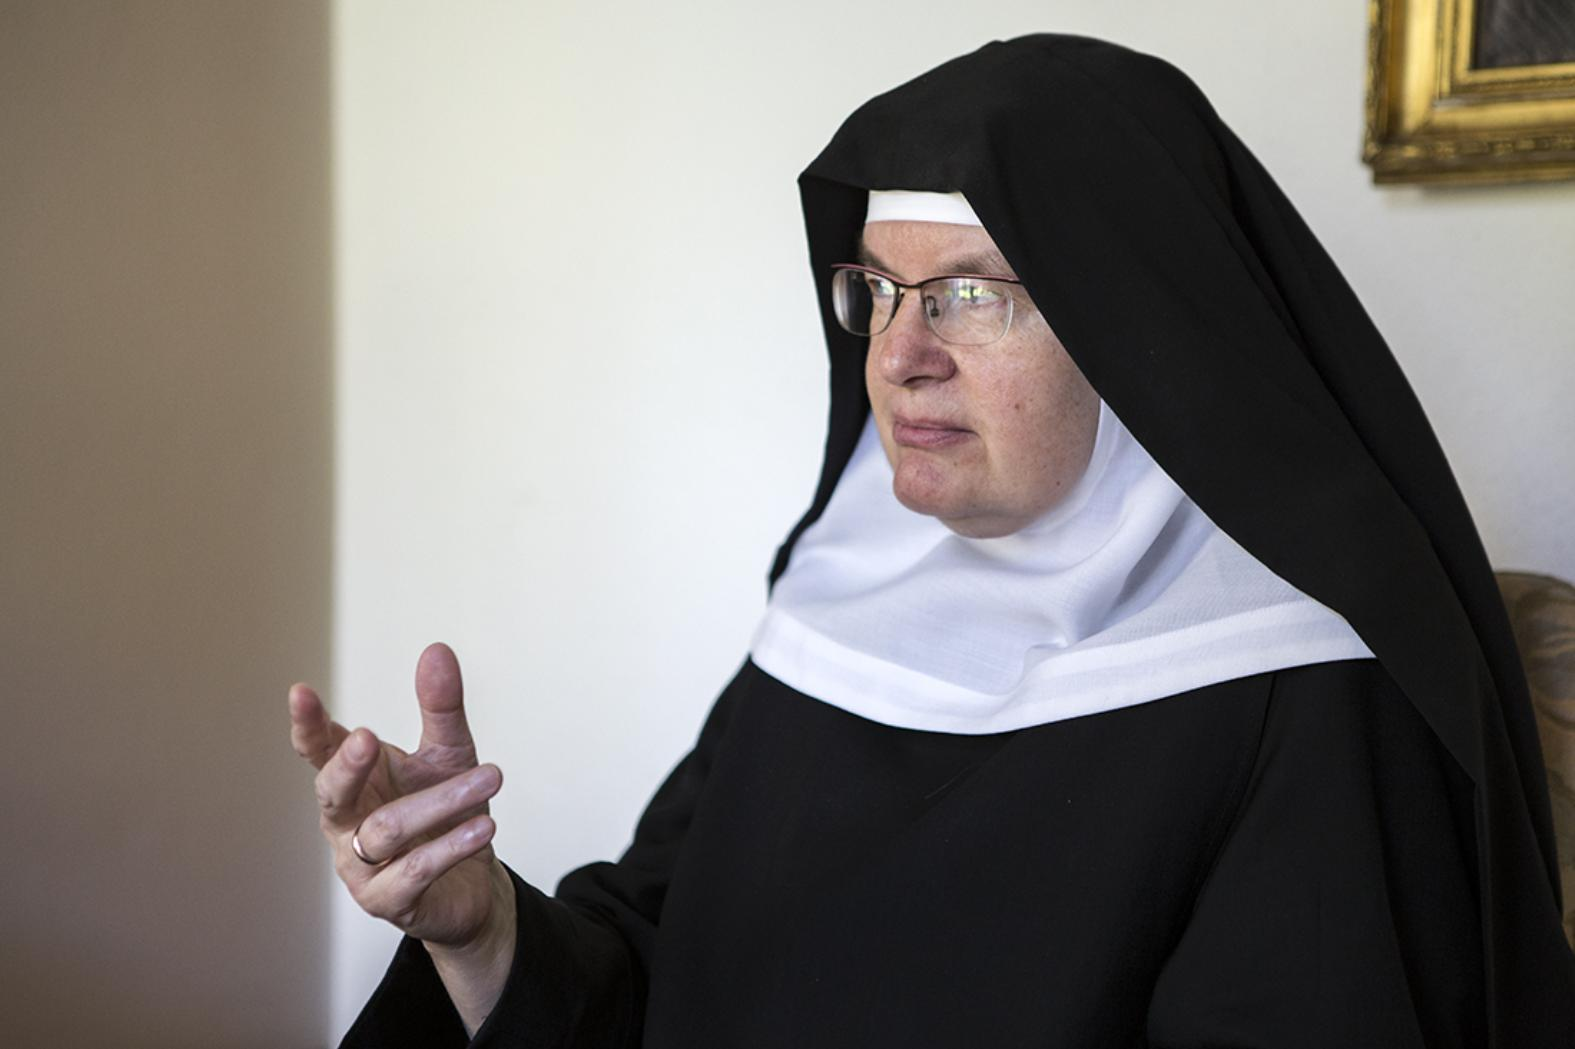 How to fuck a nun